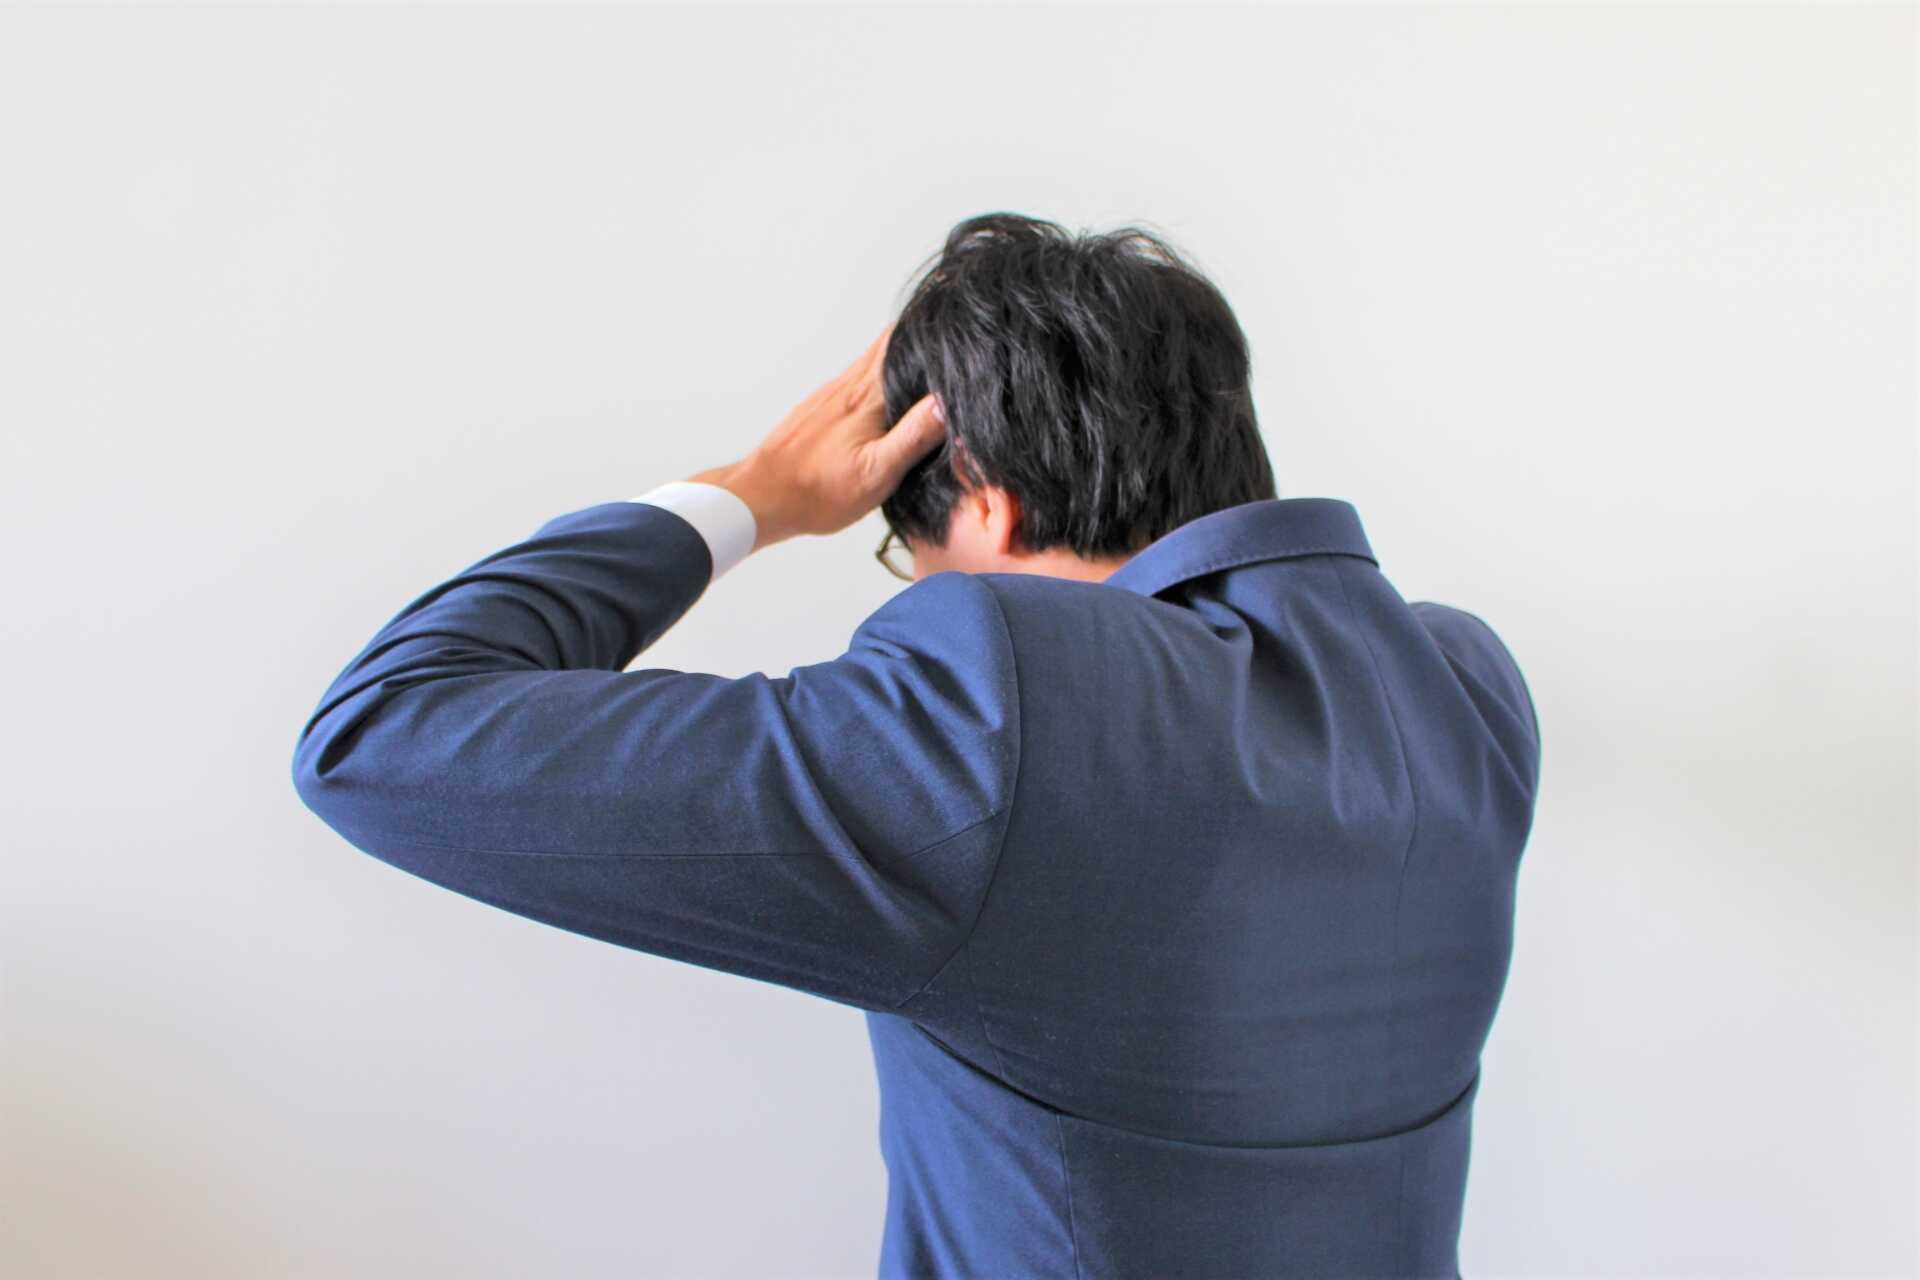 これから衰退する業界は?就職前に今後の日本のビジネスを予測して仕事探しをしよう!